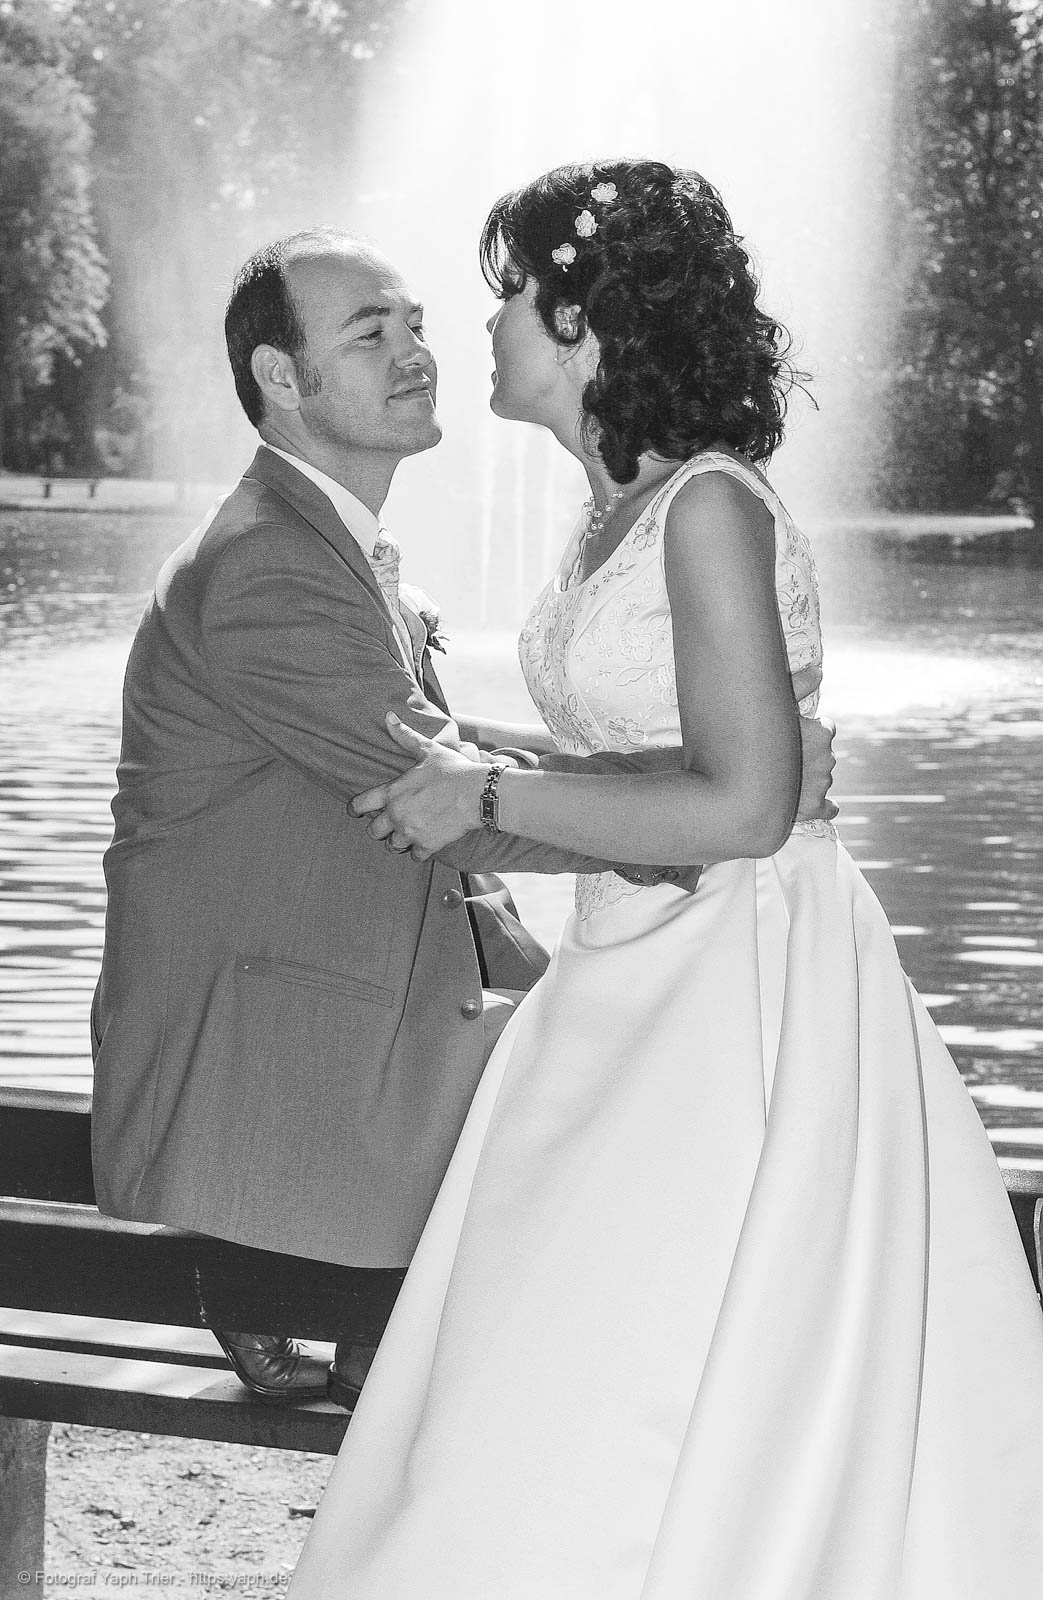 Brautpaarfotoshooting und Hochzeitsfotos Mireille-Marco bei Fotograf Trier - Yaph